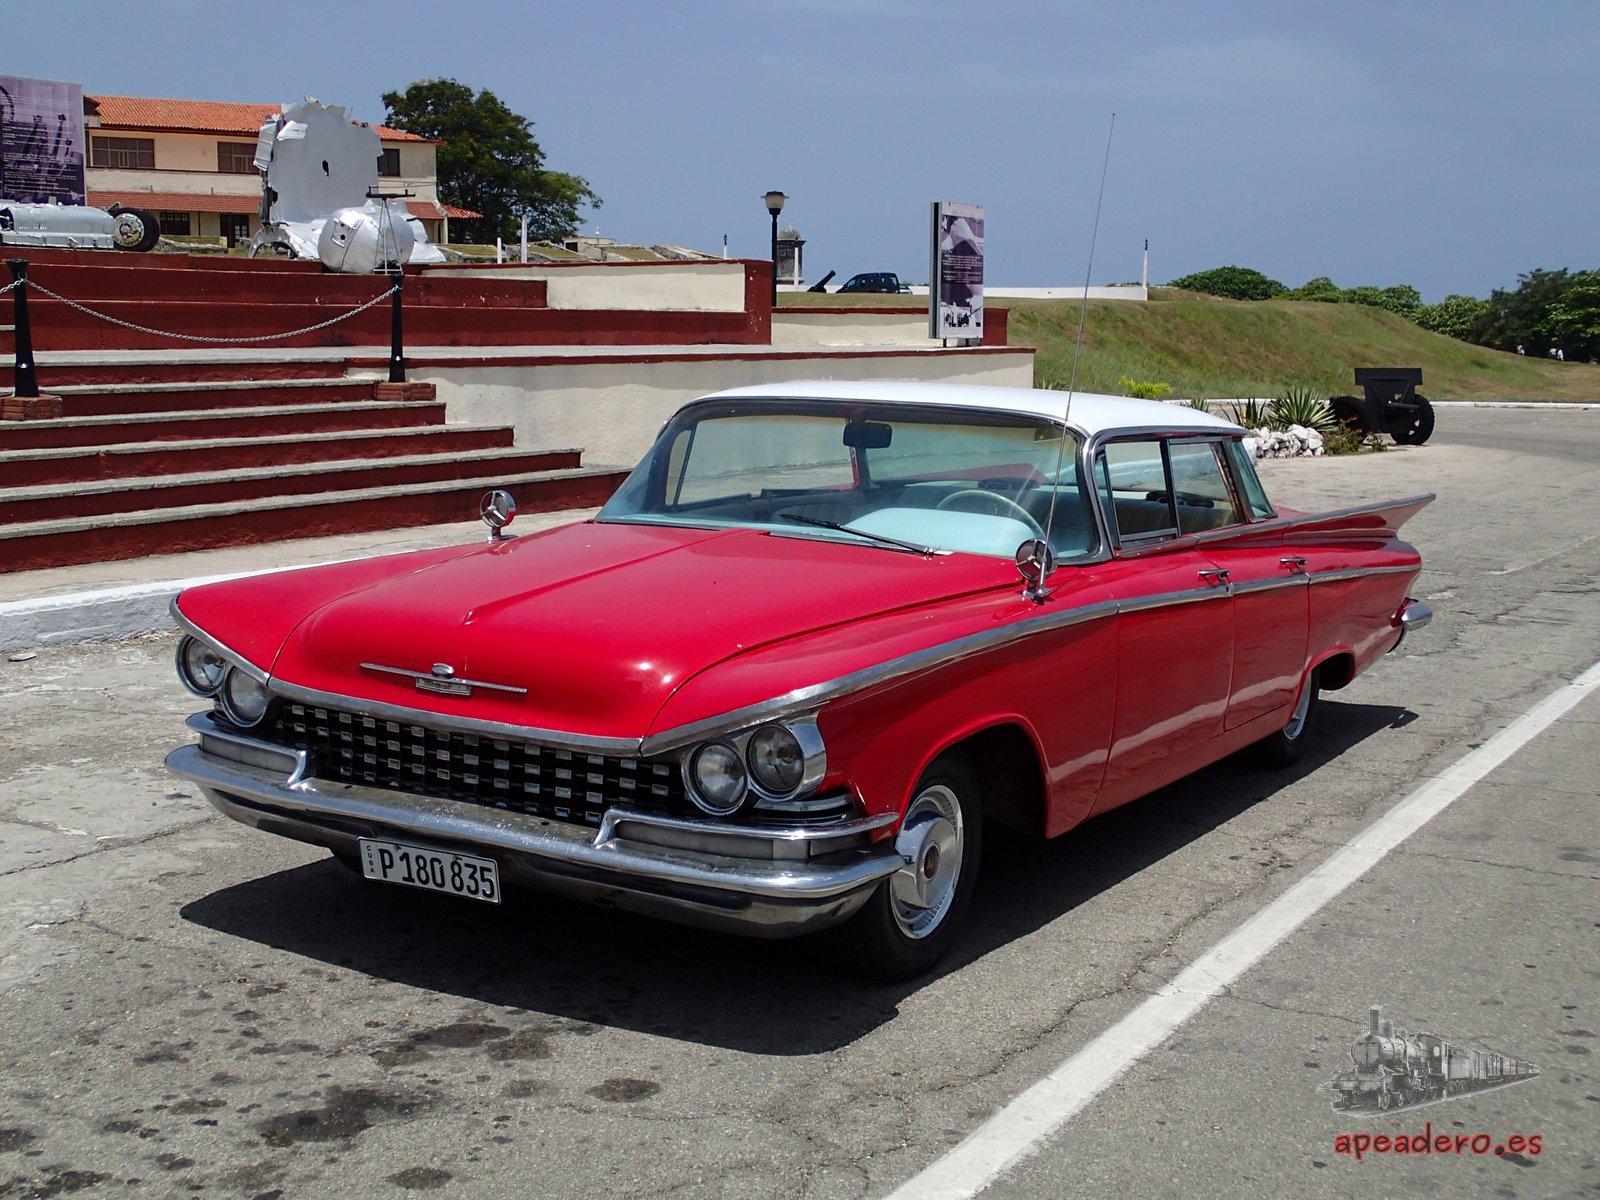 Y no solo es su ingenio, es su capacidad para conservarlo todo. Los coches de época que circulan por toda Cuba te sorprenderán y te entusiasmarán. Viajarás 50 años atrás.